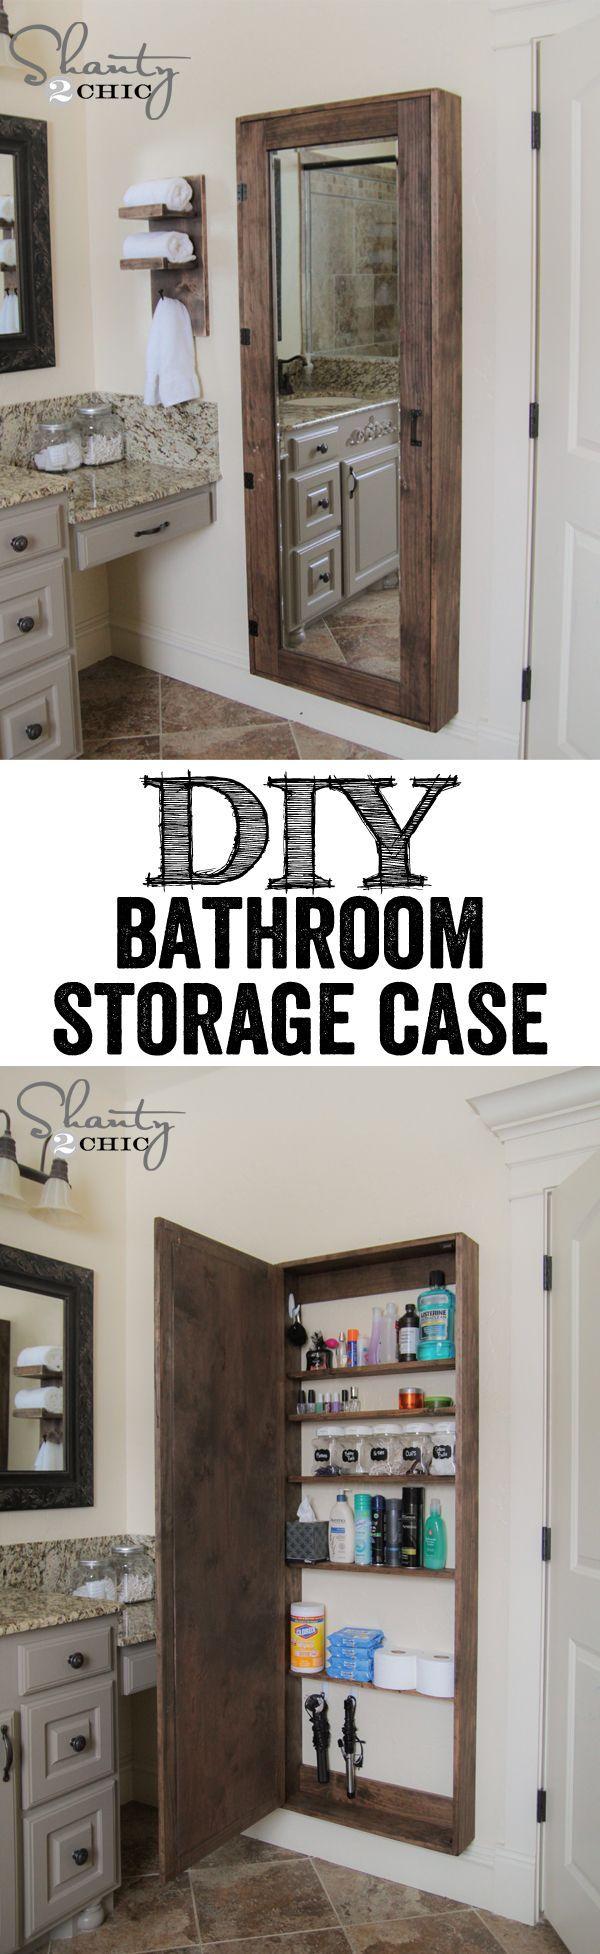 DIY Bathroom Mirror Storage Case | Jurten, Diy möbel und Badezimmer